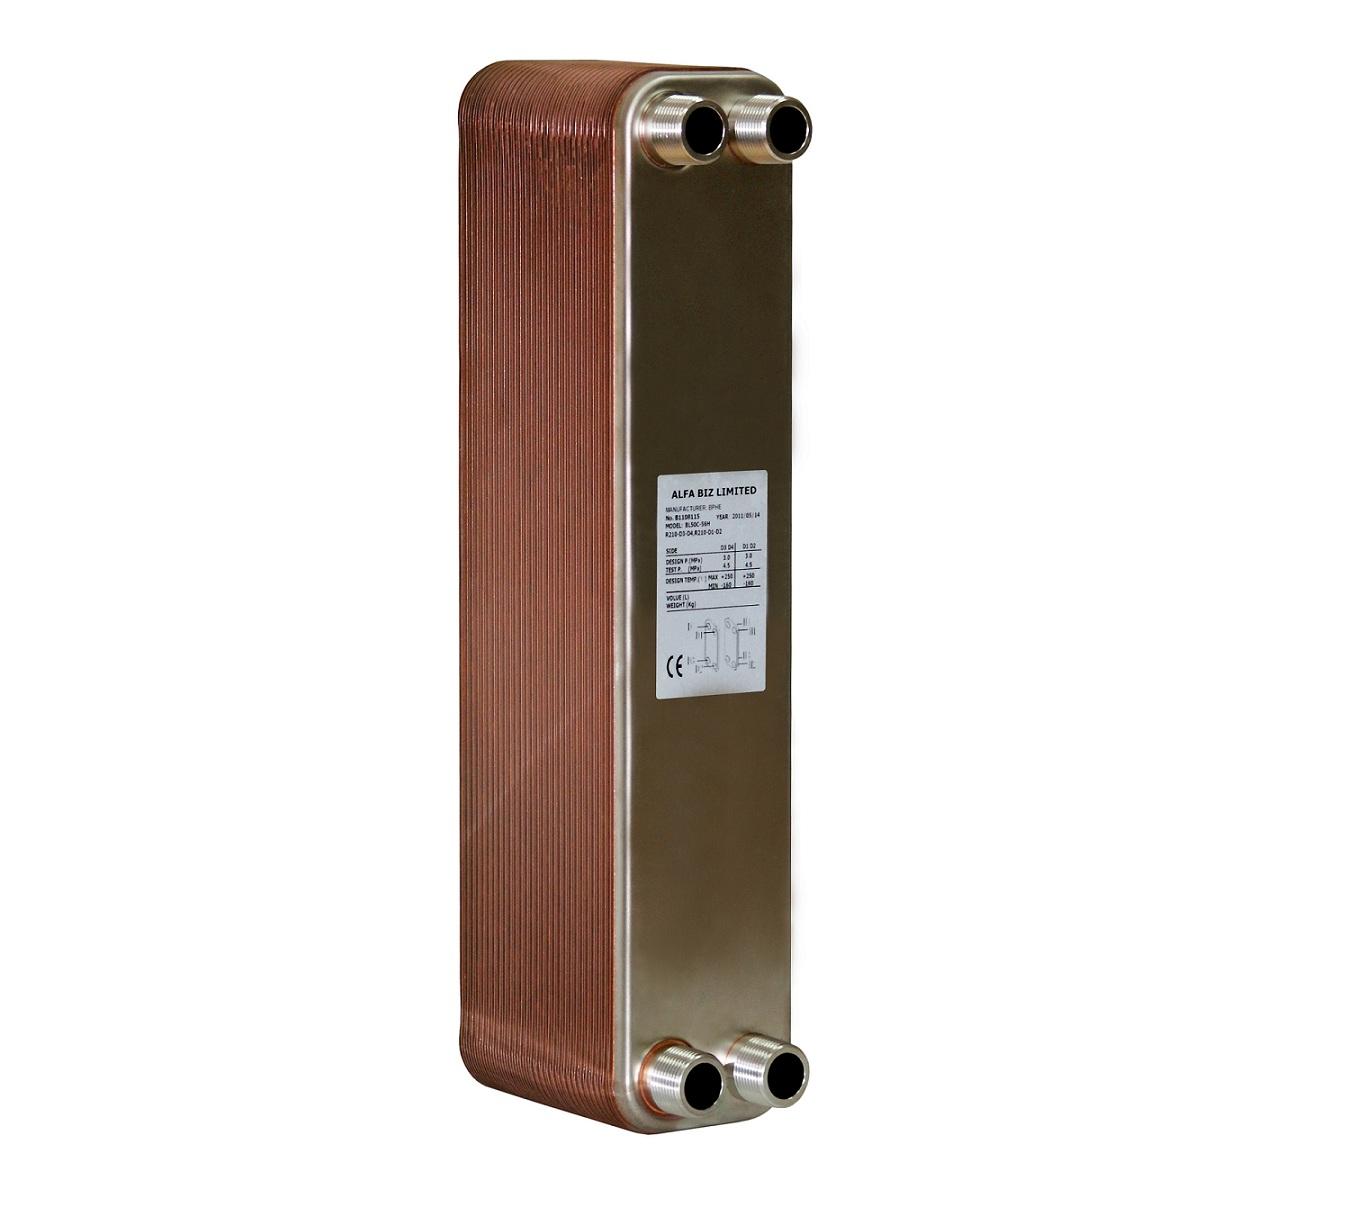 Edelstahl Plattenwärmetauscher BL50C-18H, Kupfergelötet, 18 Platten, bis 12,5 KW